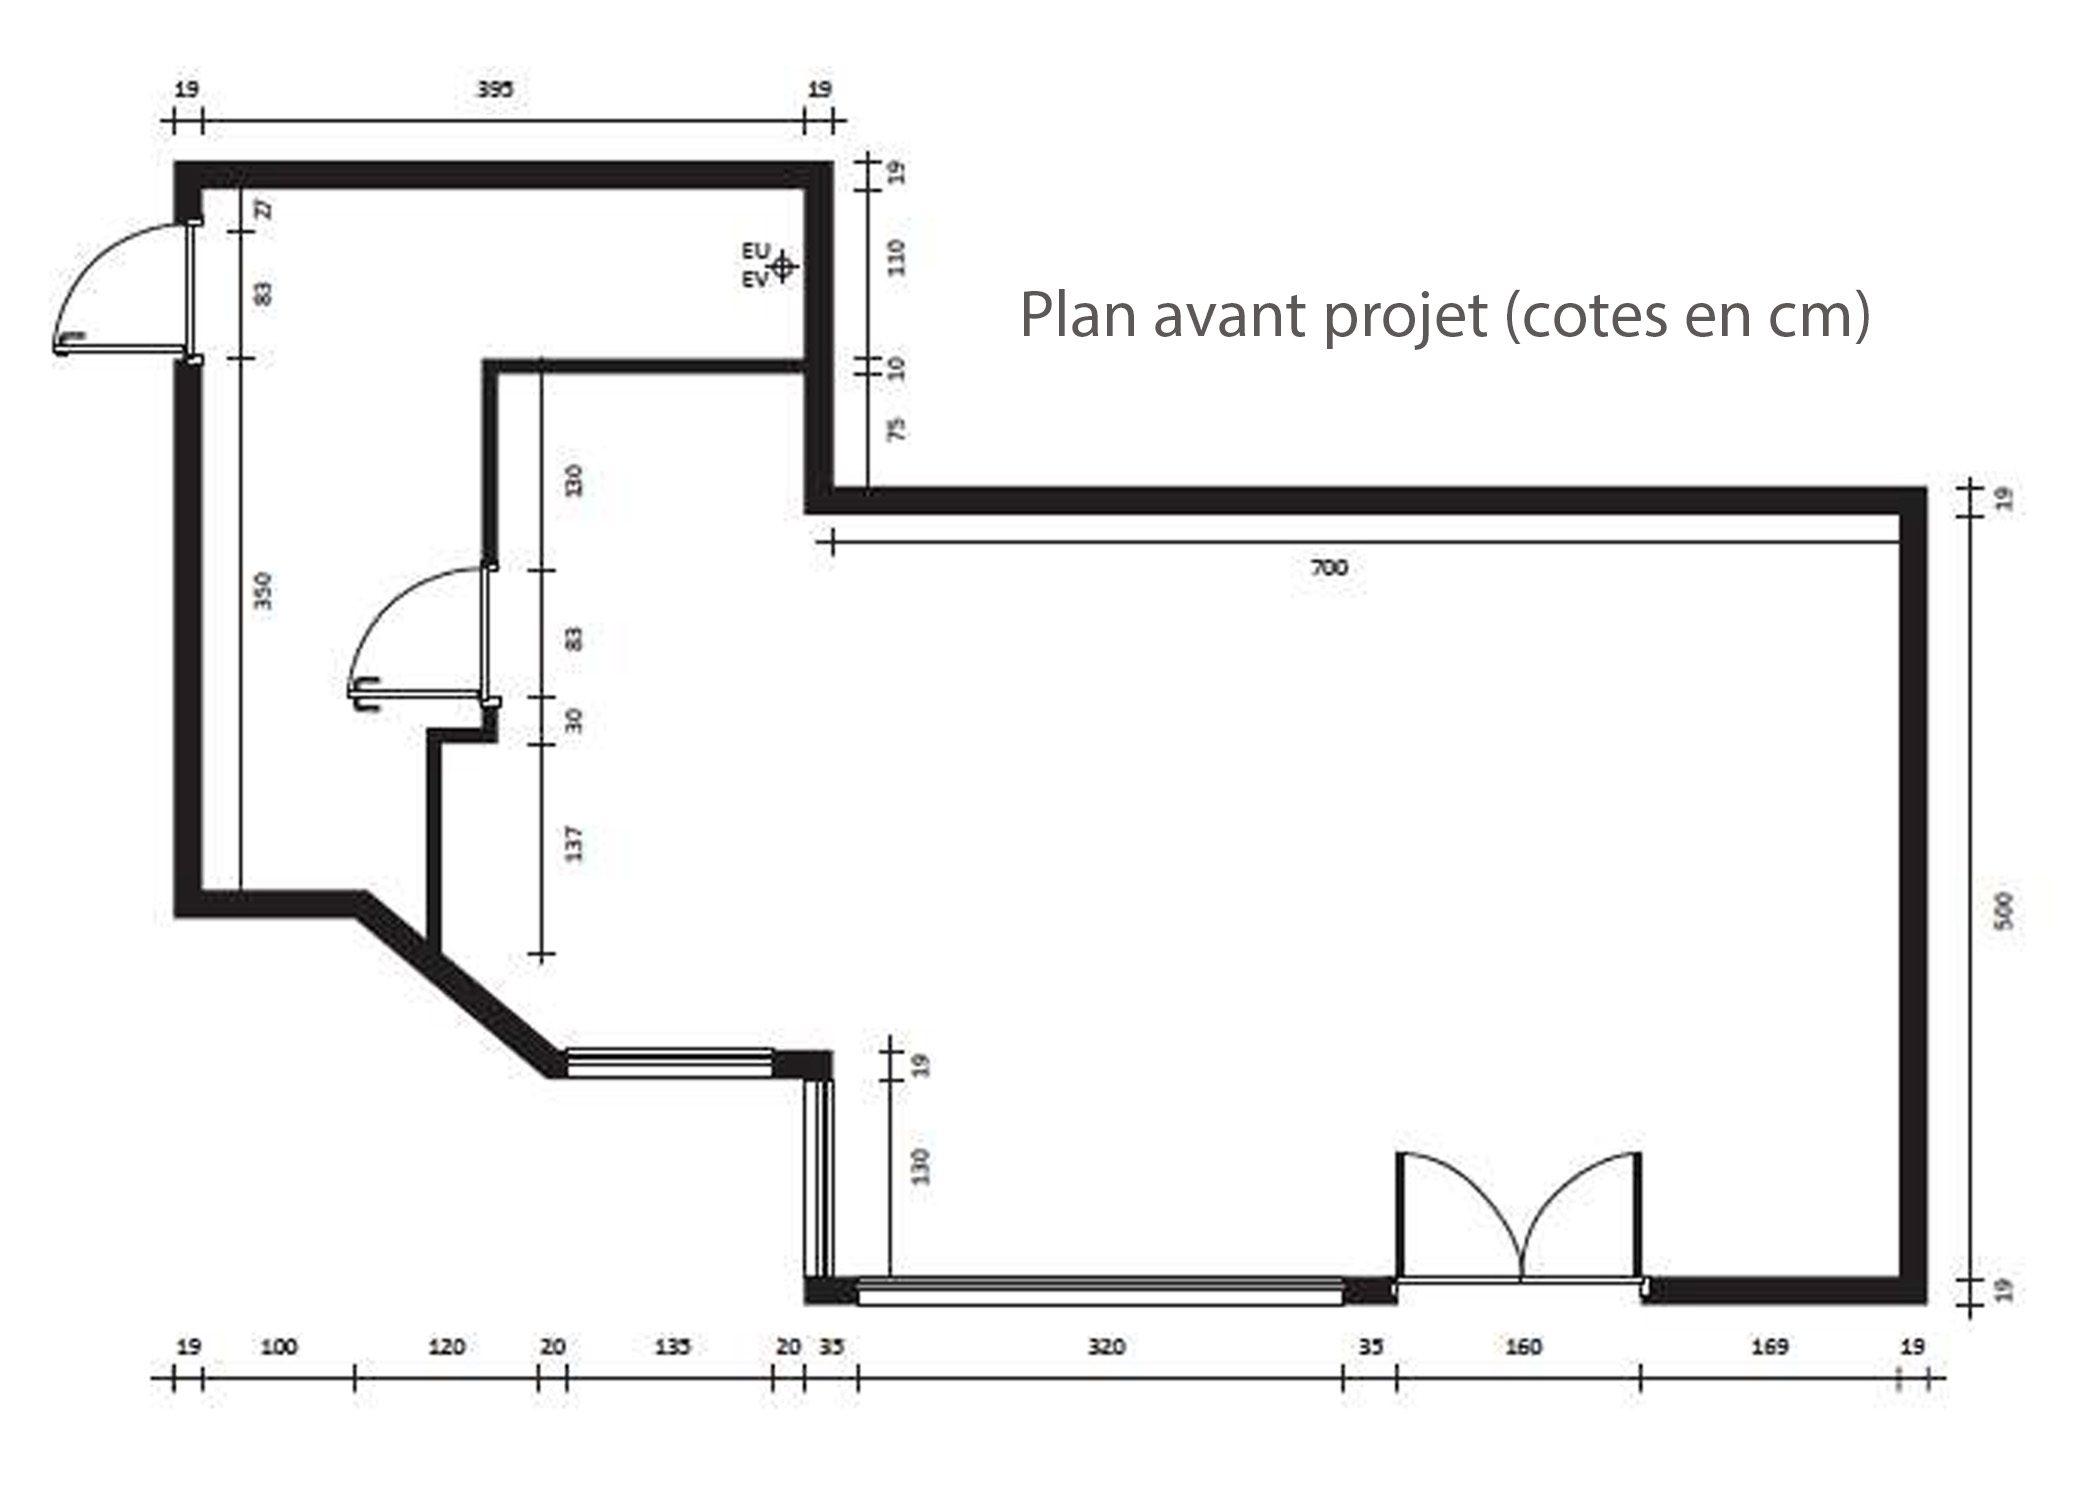 amenagement-decoration-magasin de luxe-paris-plan avant projet-dekho design